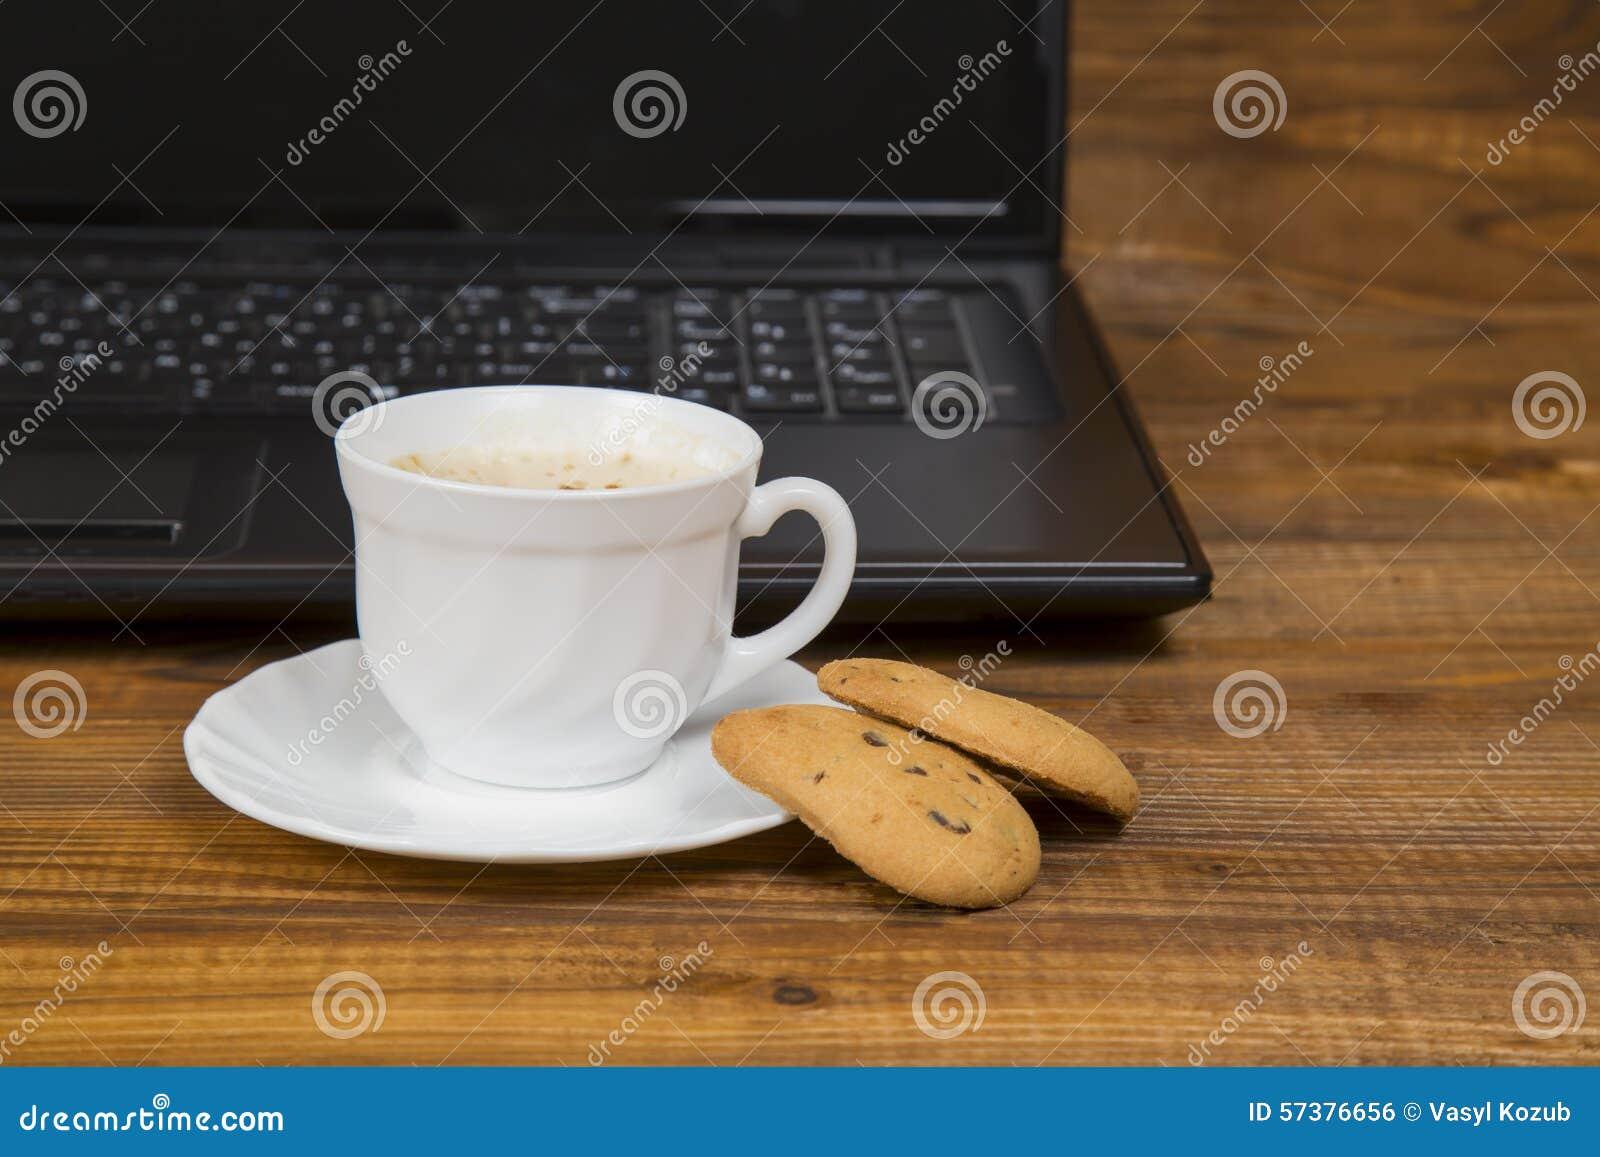 Computer een kop koffie en koekjes